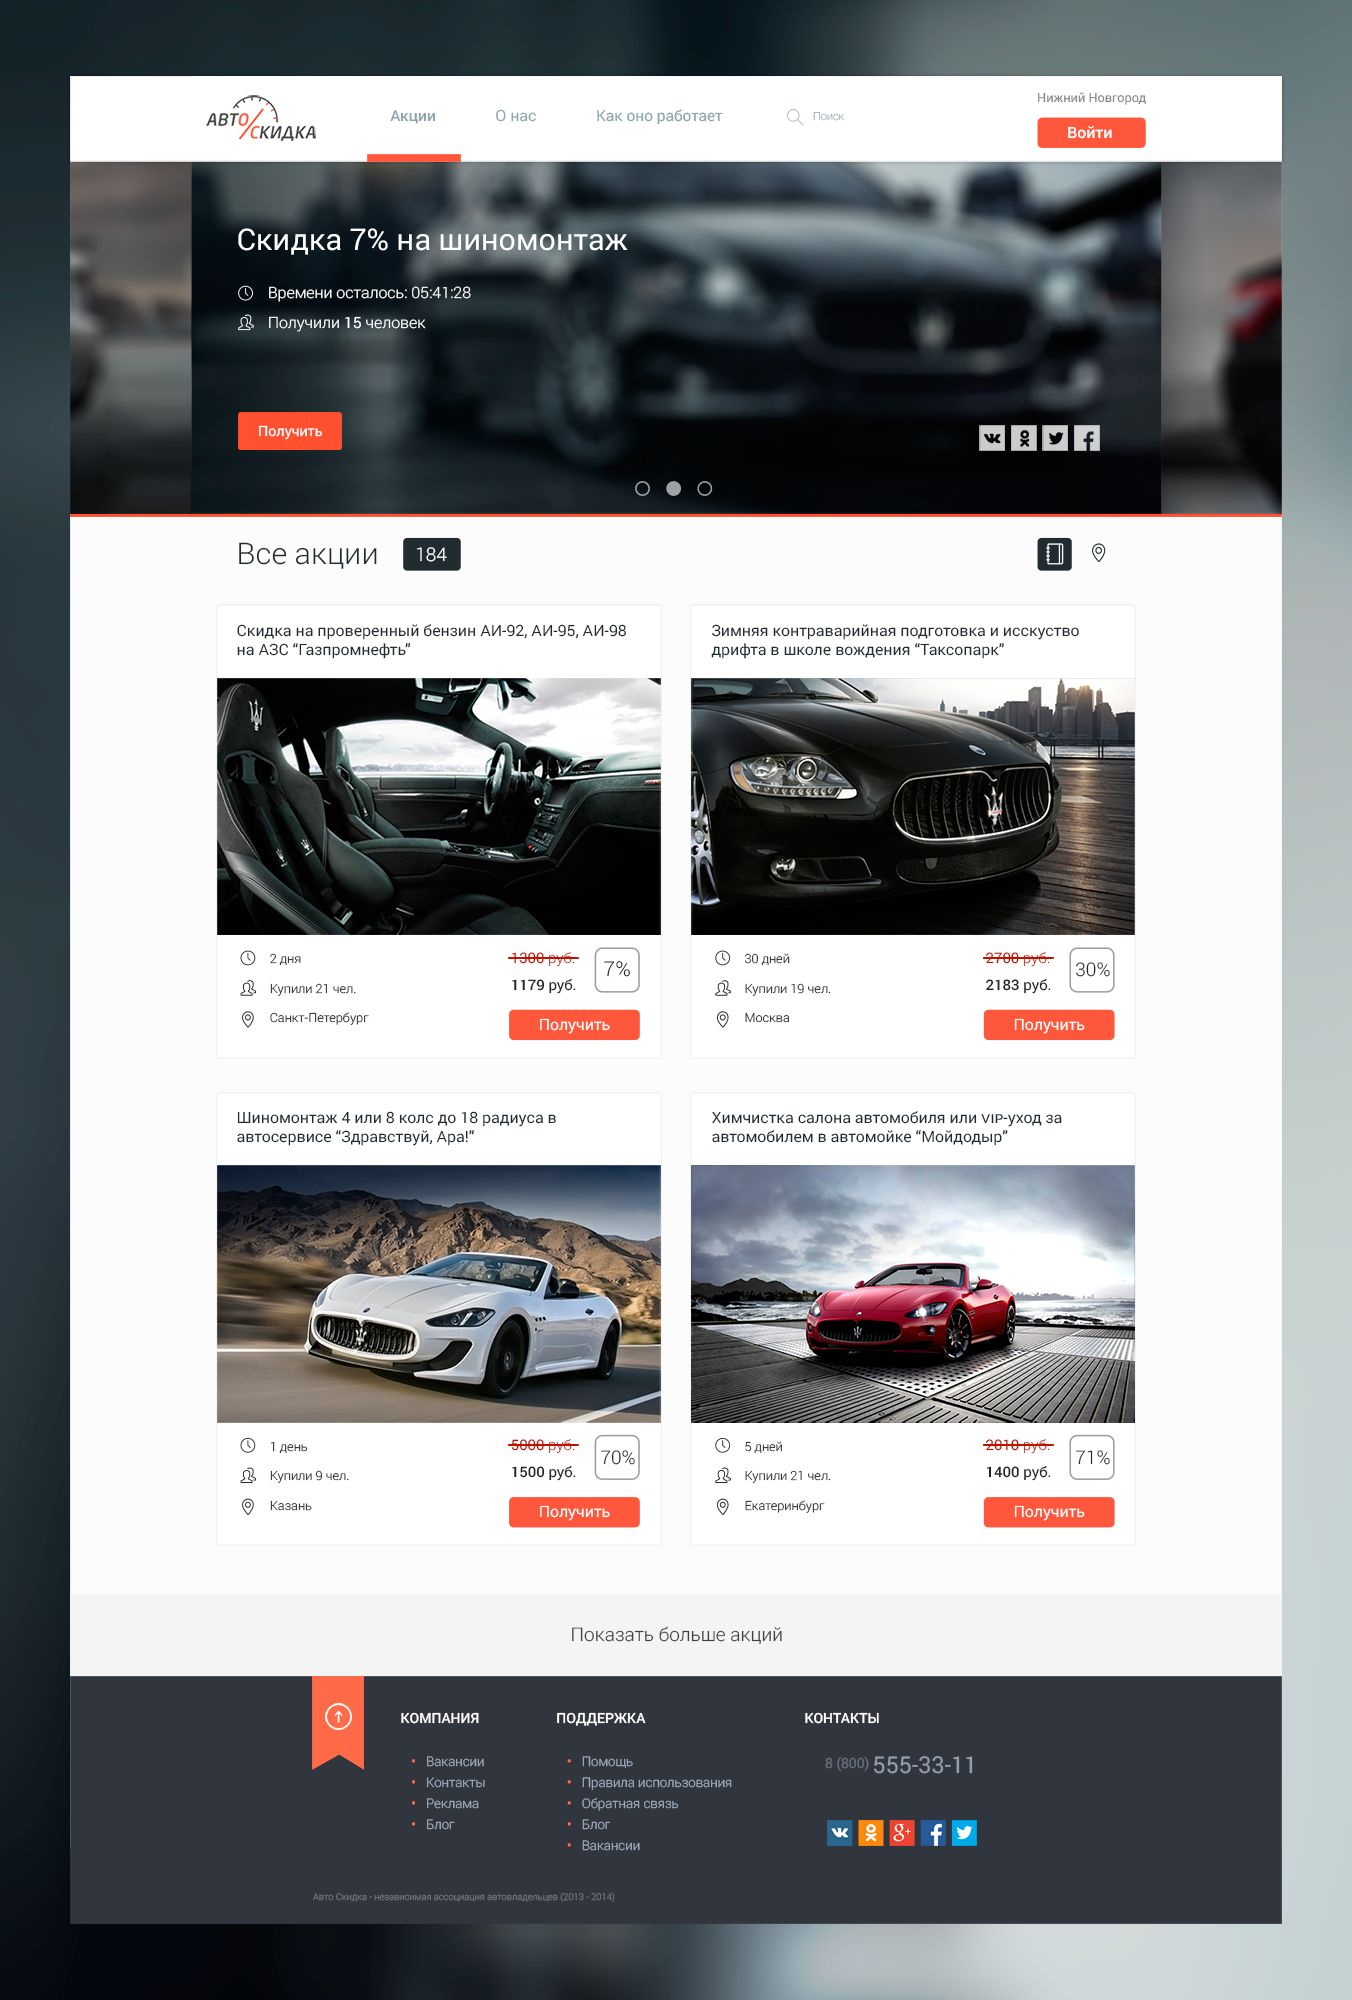 Дизайн сайта со скидками для автовладельцев - дизайнер MockingMirror